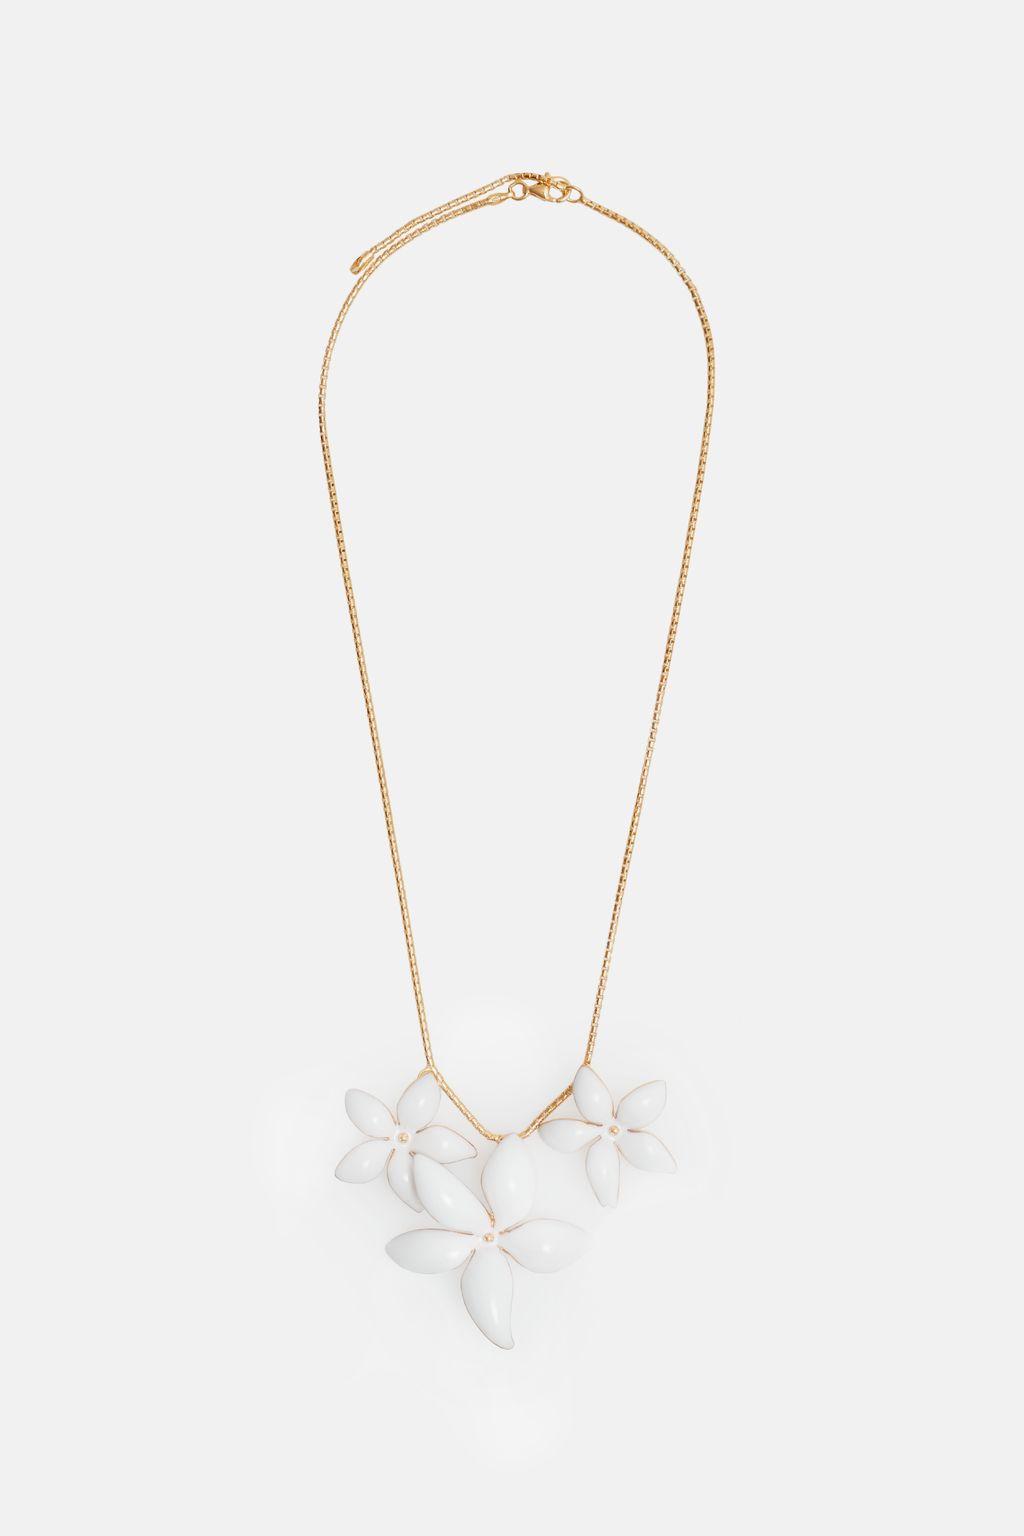 Falling Jasmine necklace